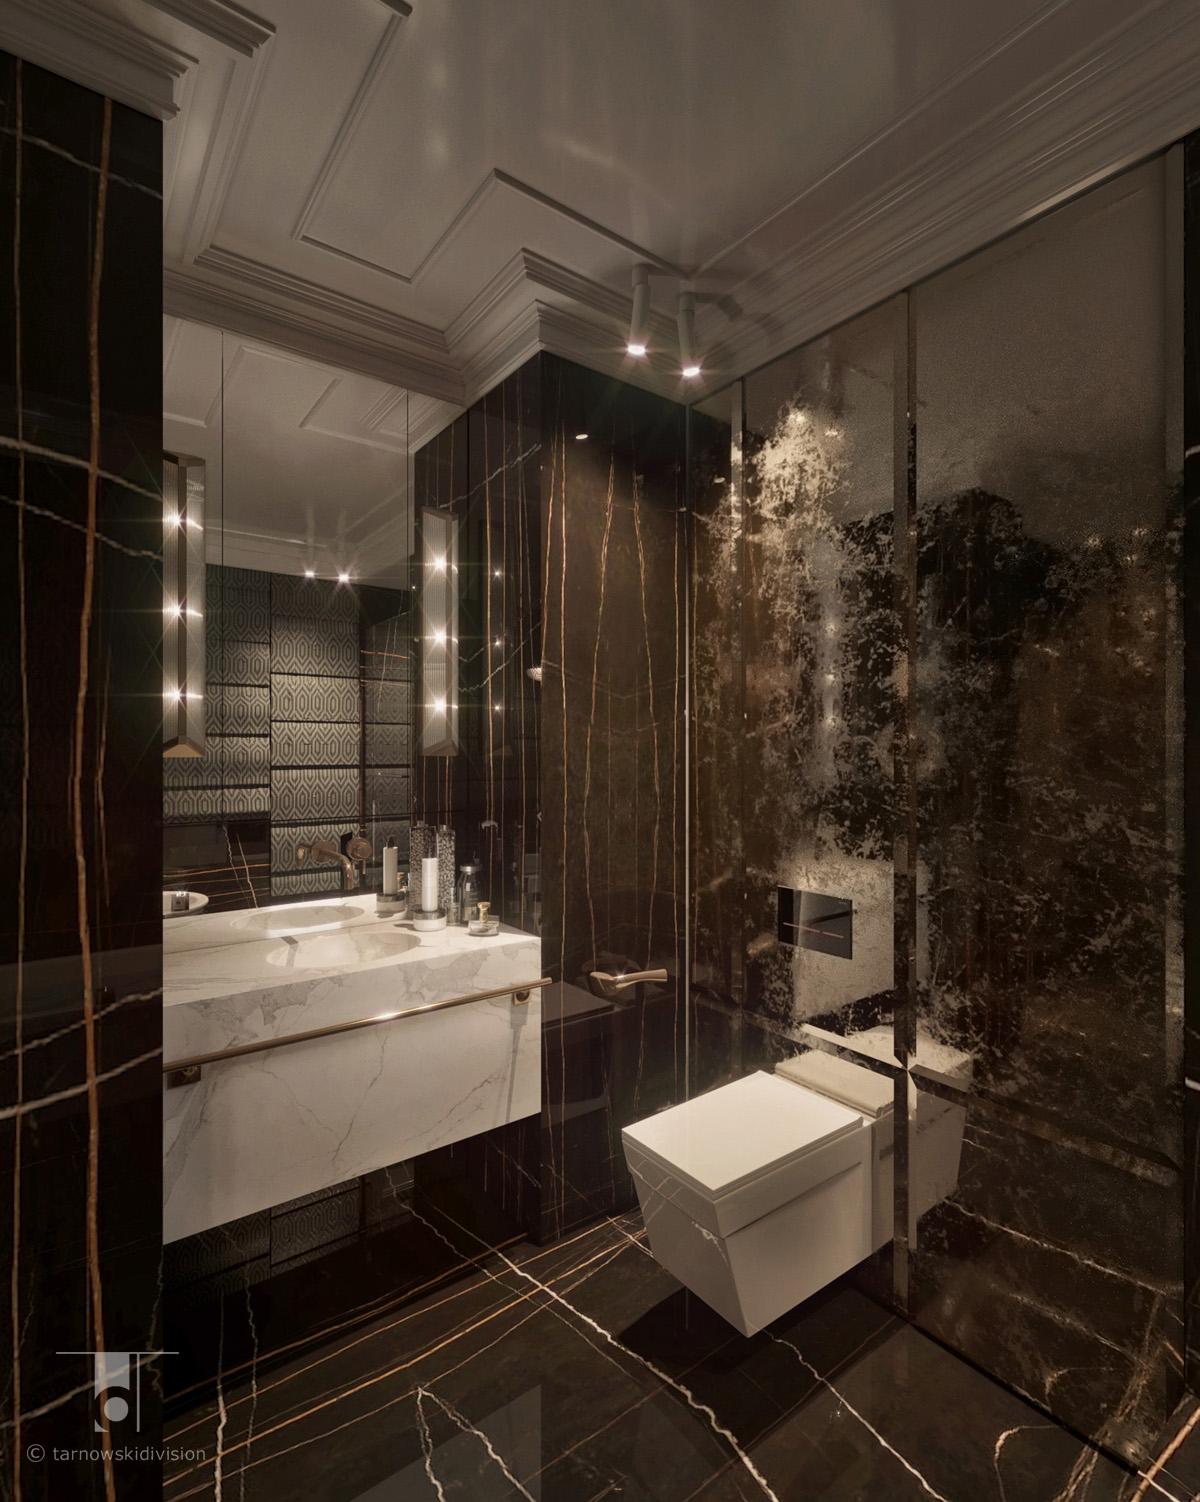 łazienka aranżacja wnętrz wystrój wnętrz łazienki luxury bathroom interior design_tarnowski division